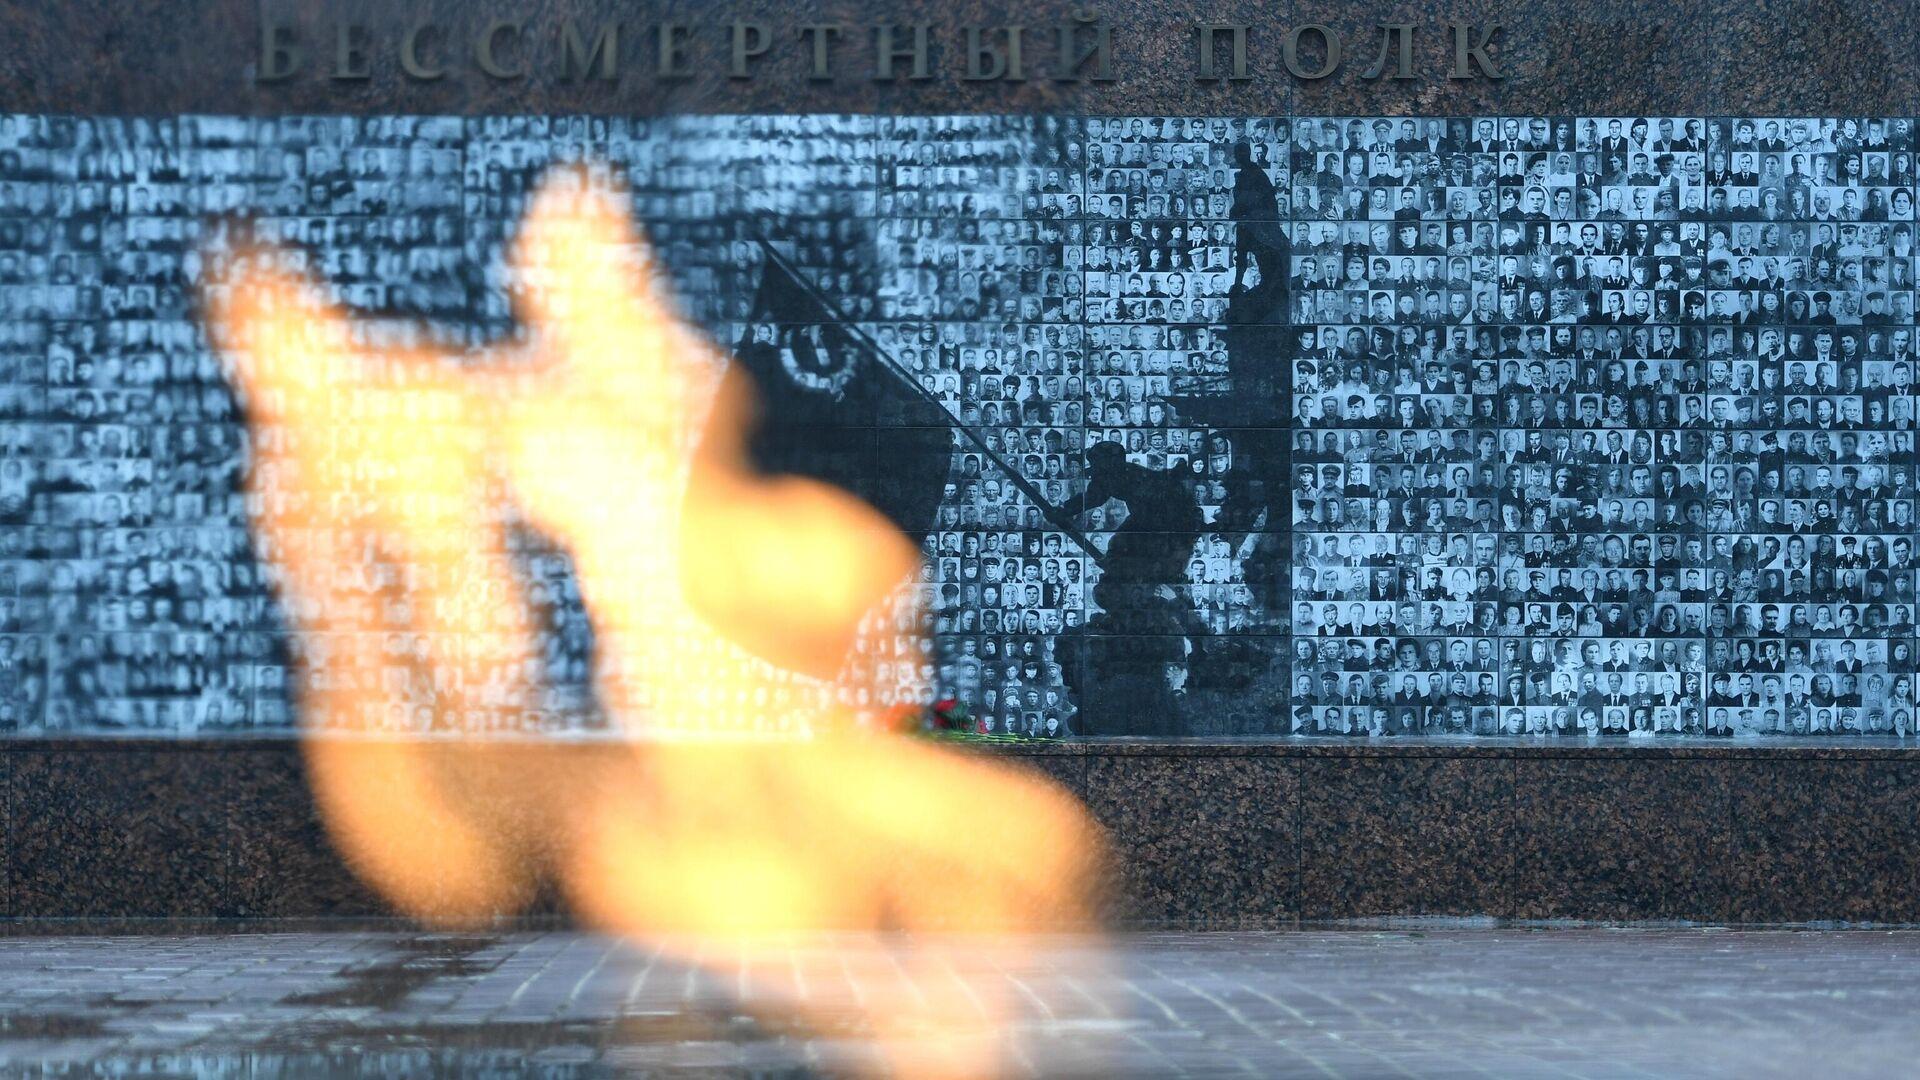 Вечный огонь в сквере памяти героев в Смоленске - РИА Новости, 1920, 08.05.2021